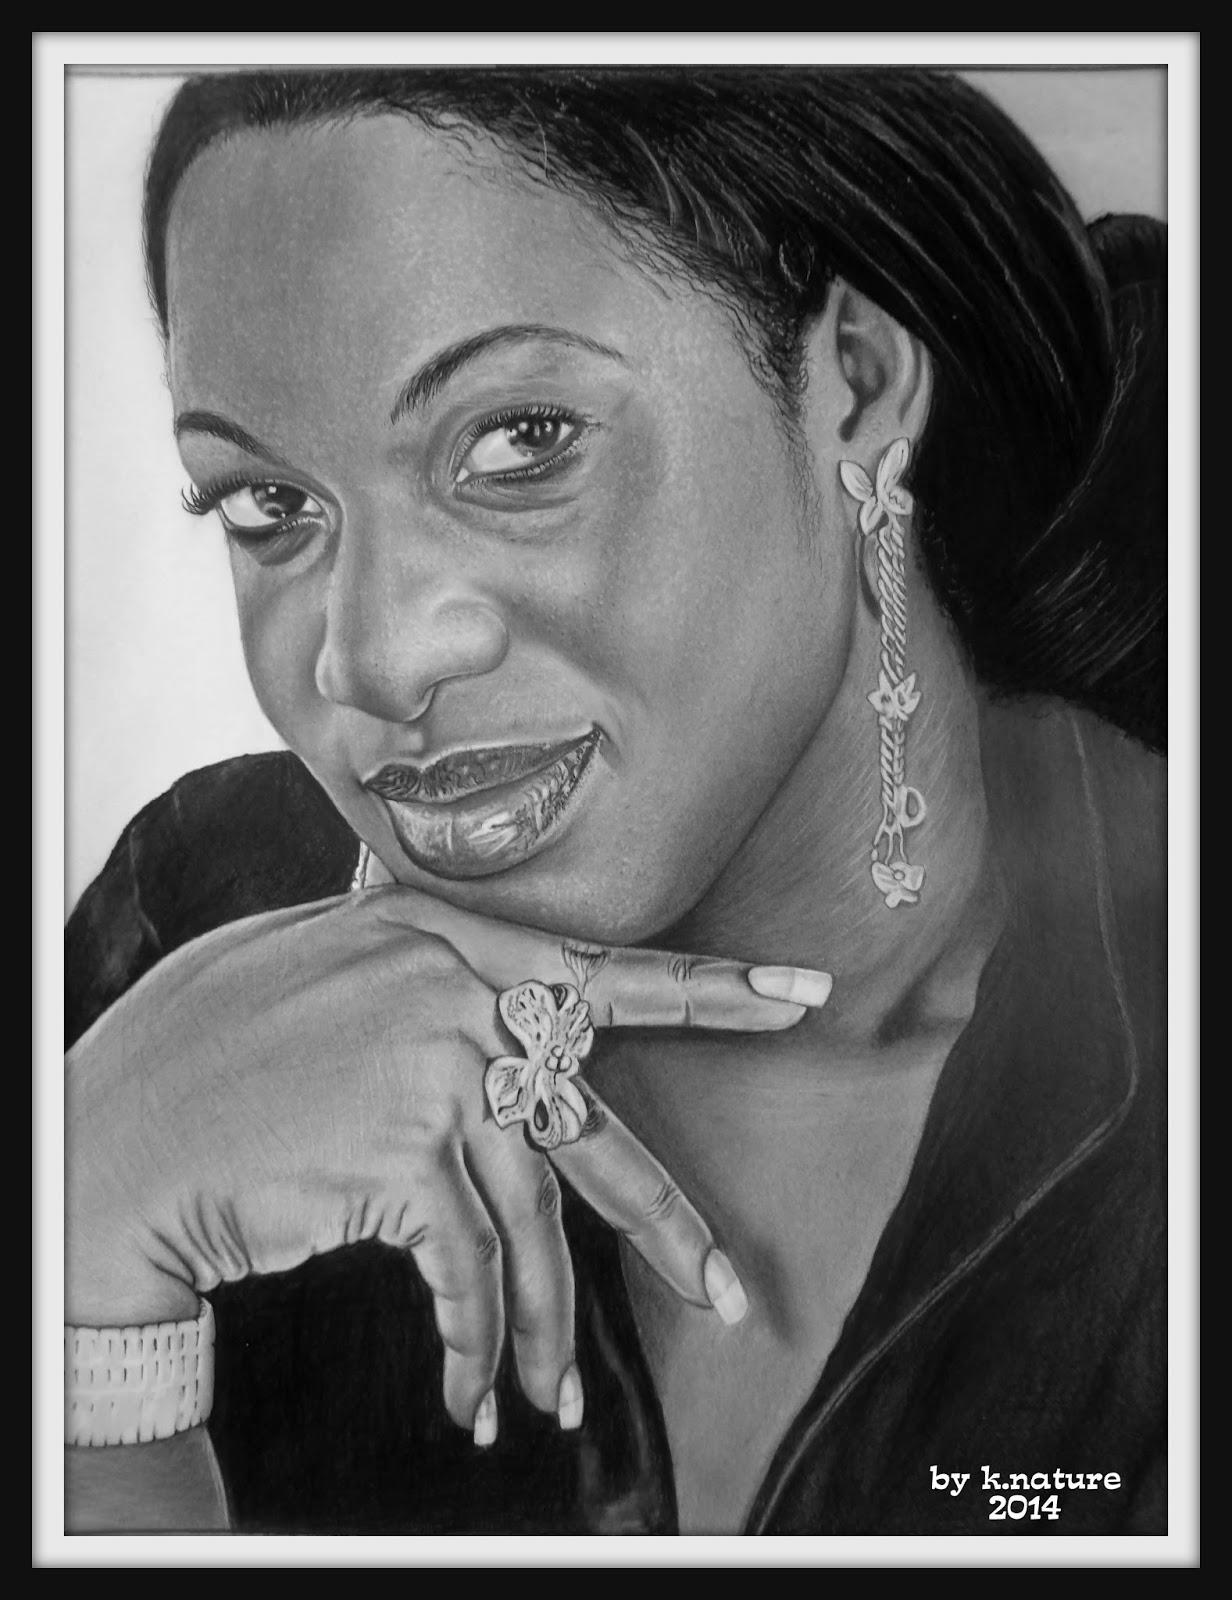 Kwabnat art gallery hyper realistic pencil shading